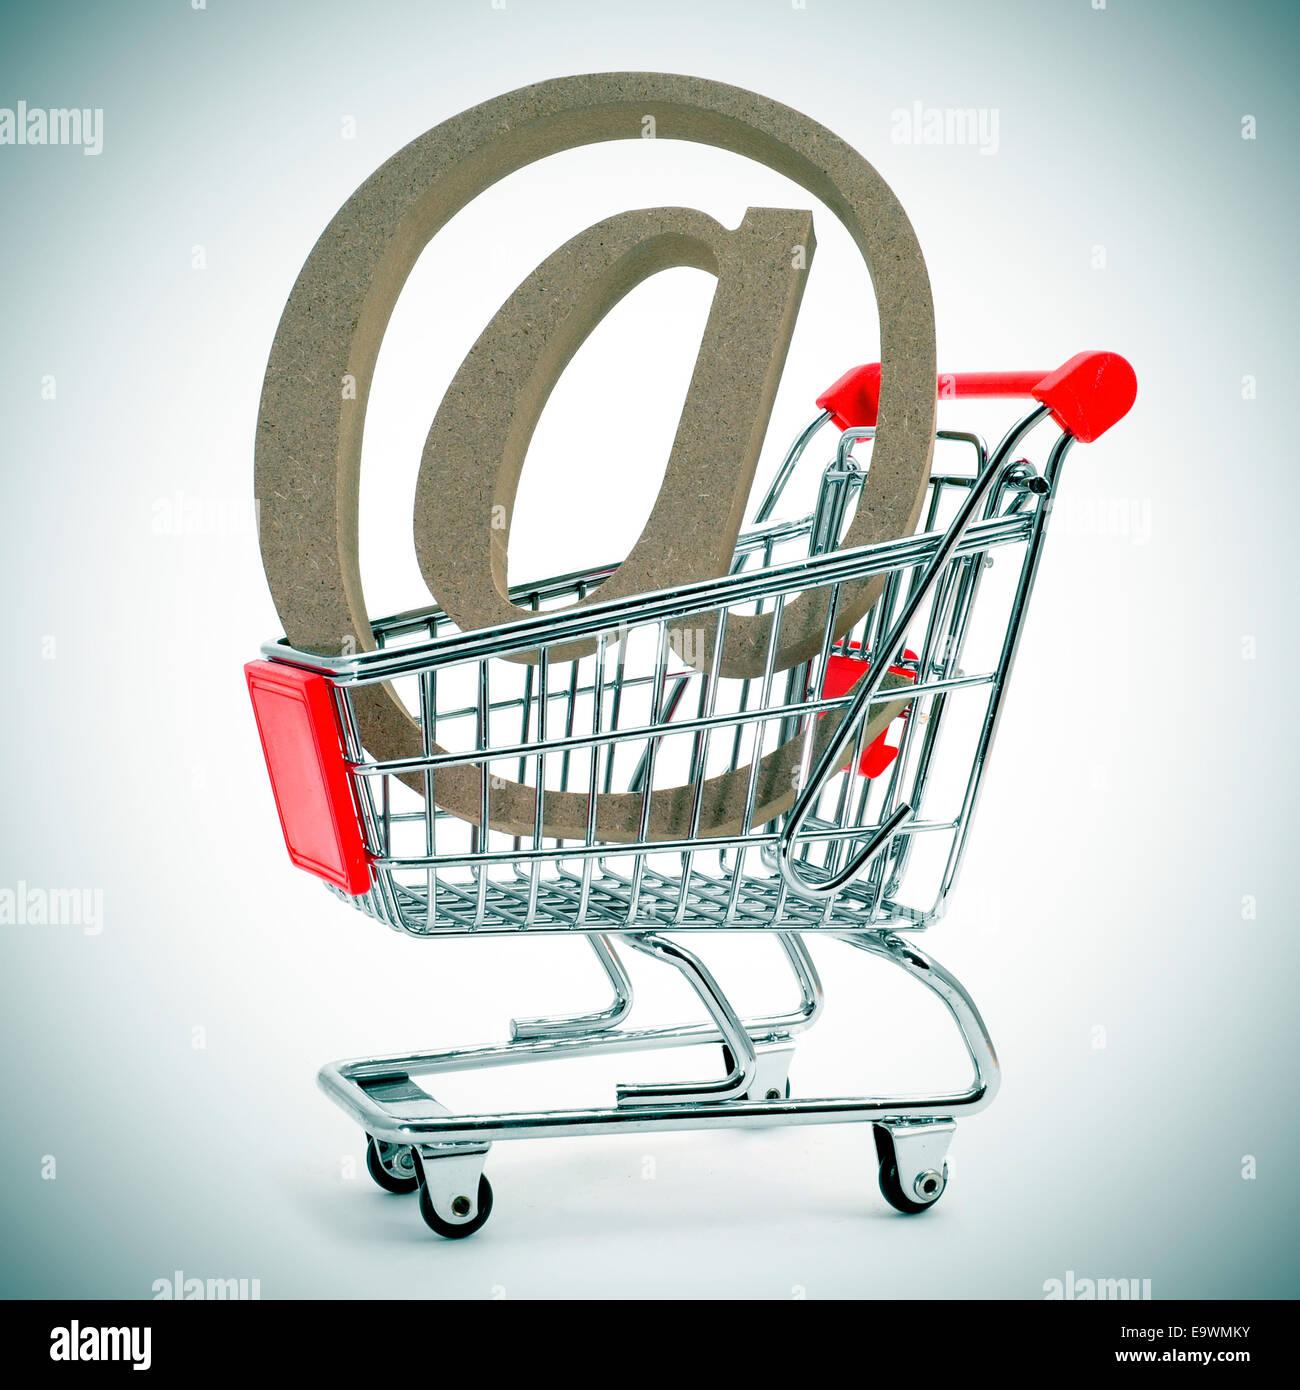 À un signe dans un panier, illustrant le concept d'e-achat ou e-commerce Photo Stock